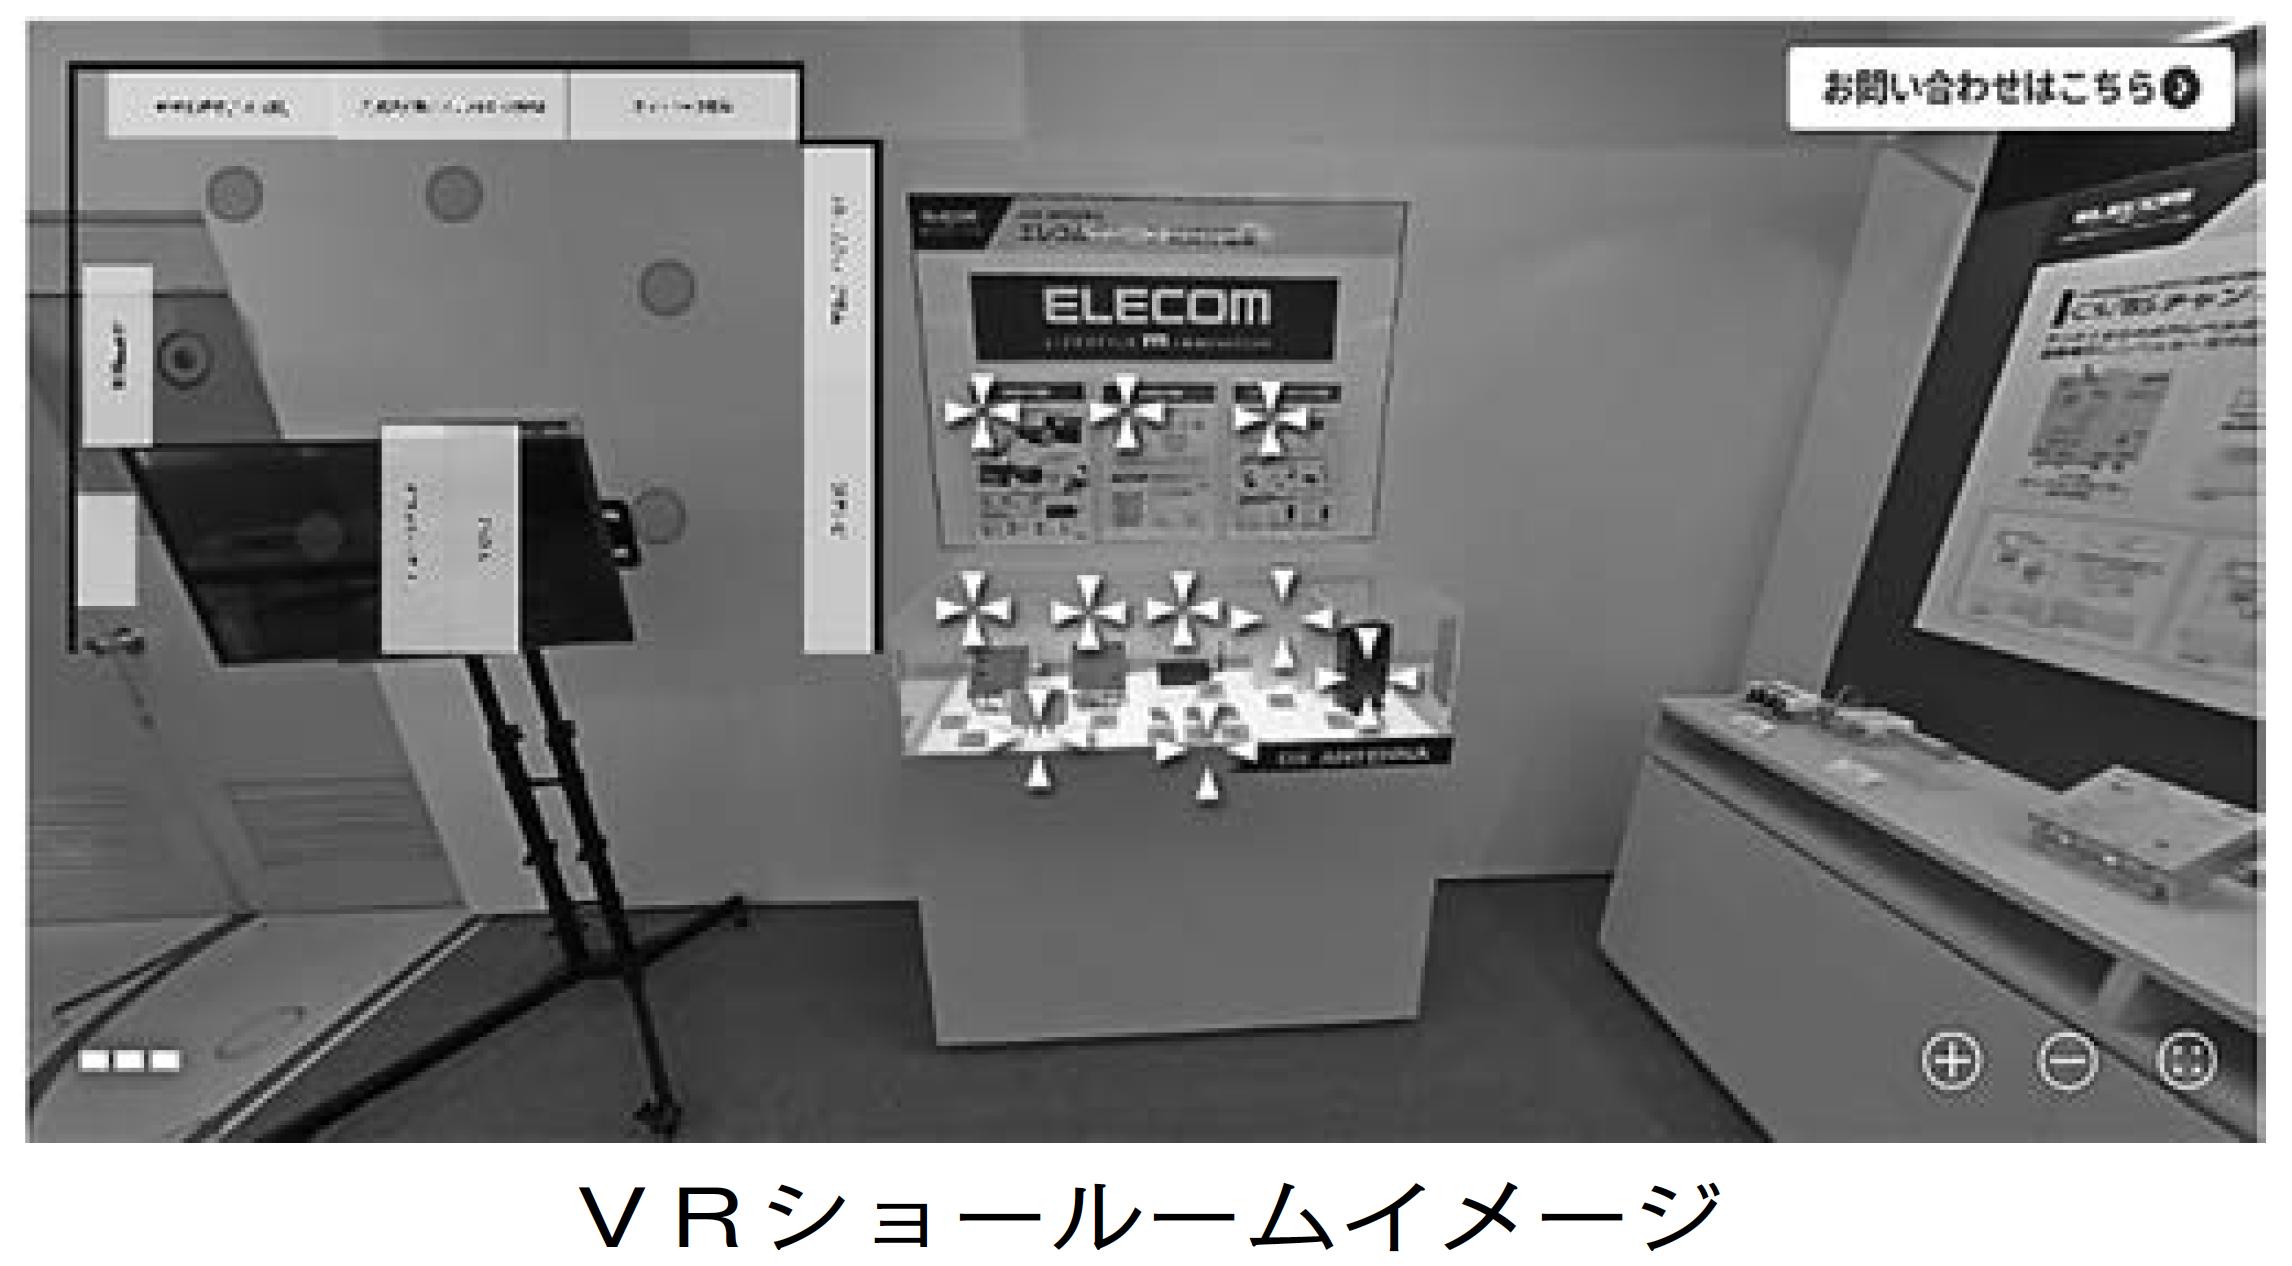 【DXアンテナ】 「新商品動画・VRショー ルーム特設サイト」を開設 ショールームを疑似体験の画像